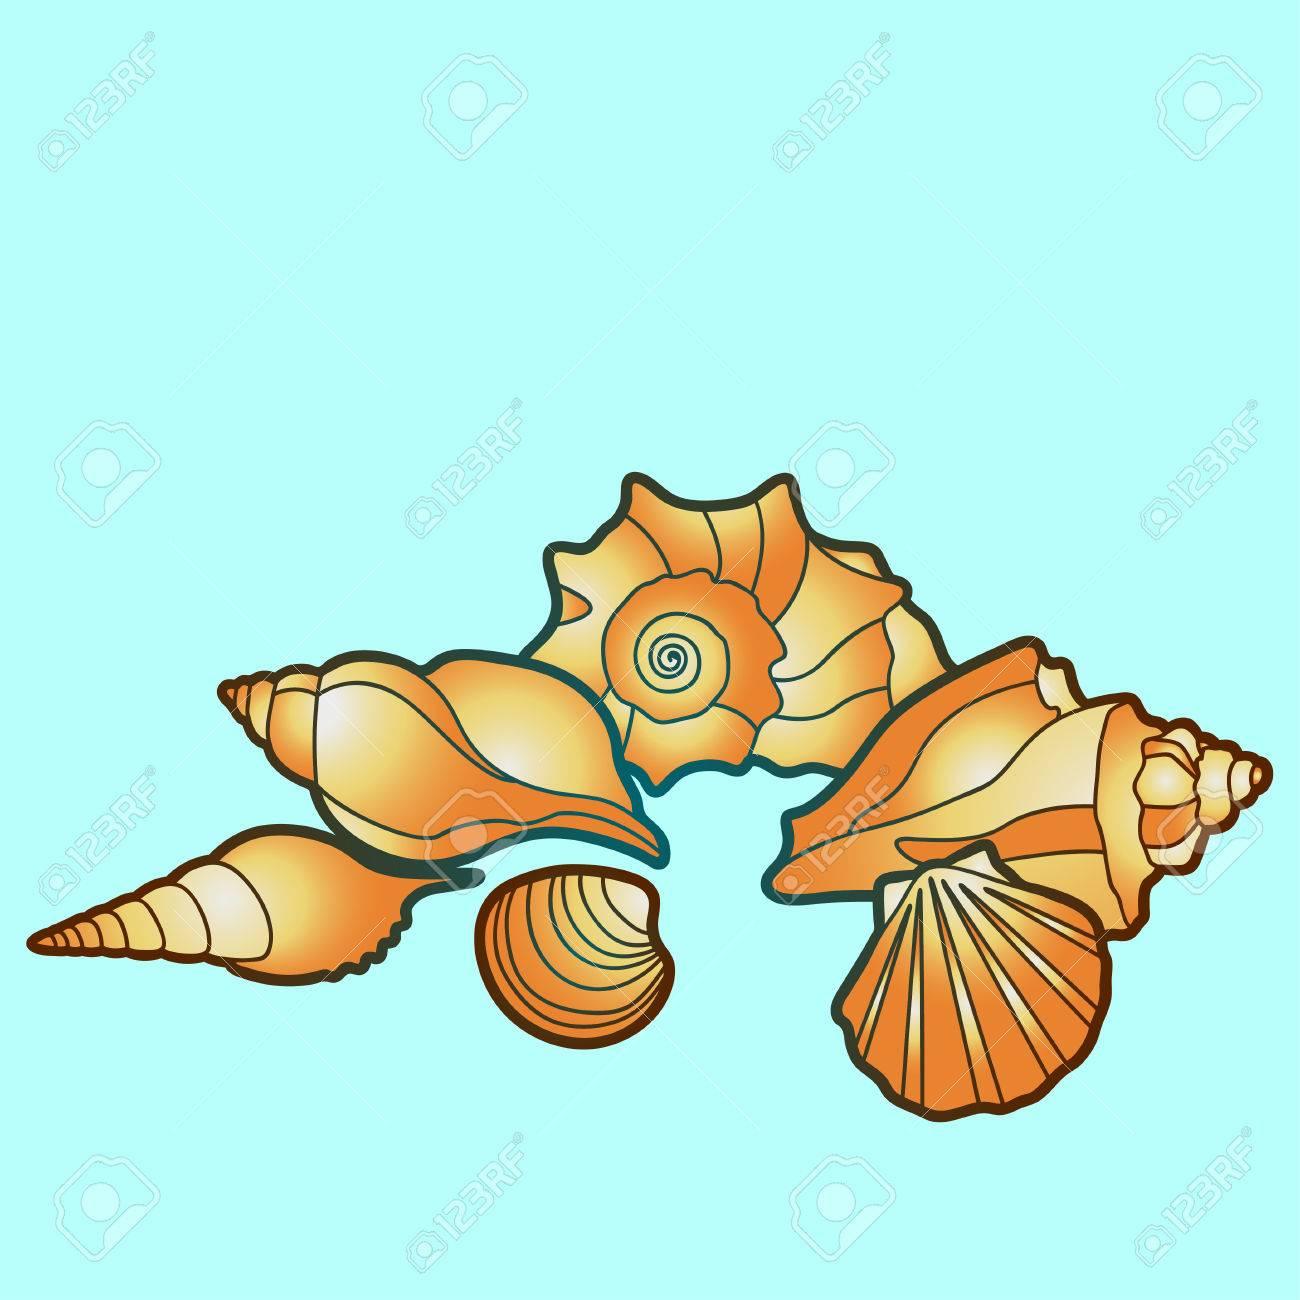 sea shells, Illustraion with scallop, conch and mollusk - 55735186